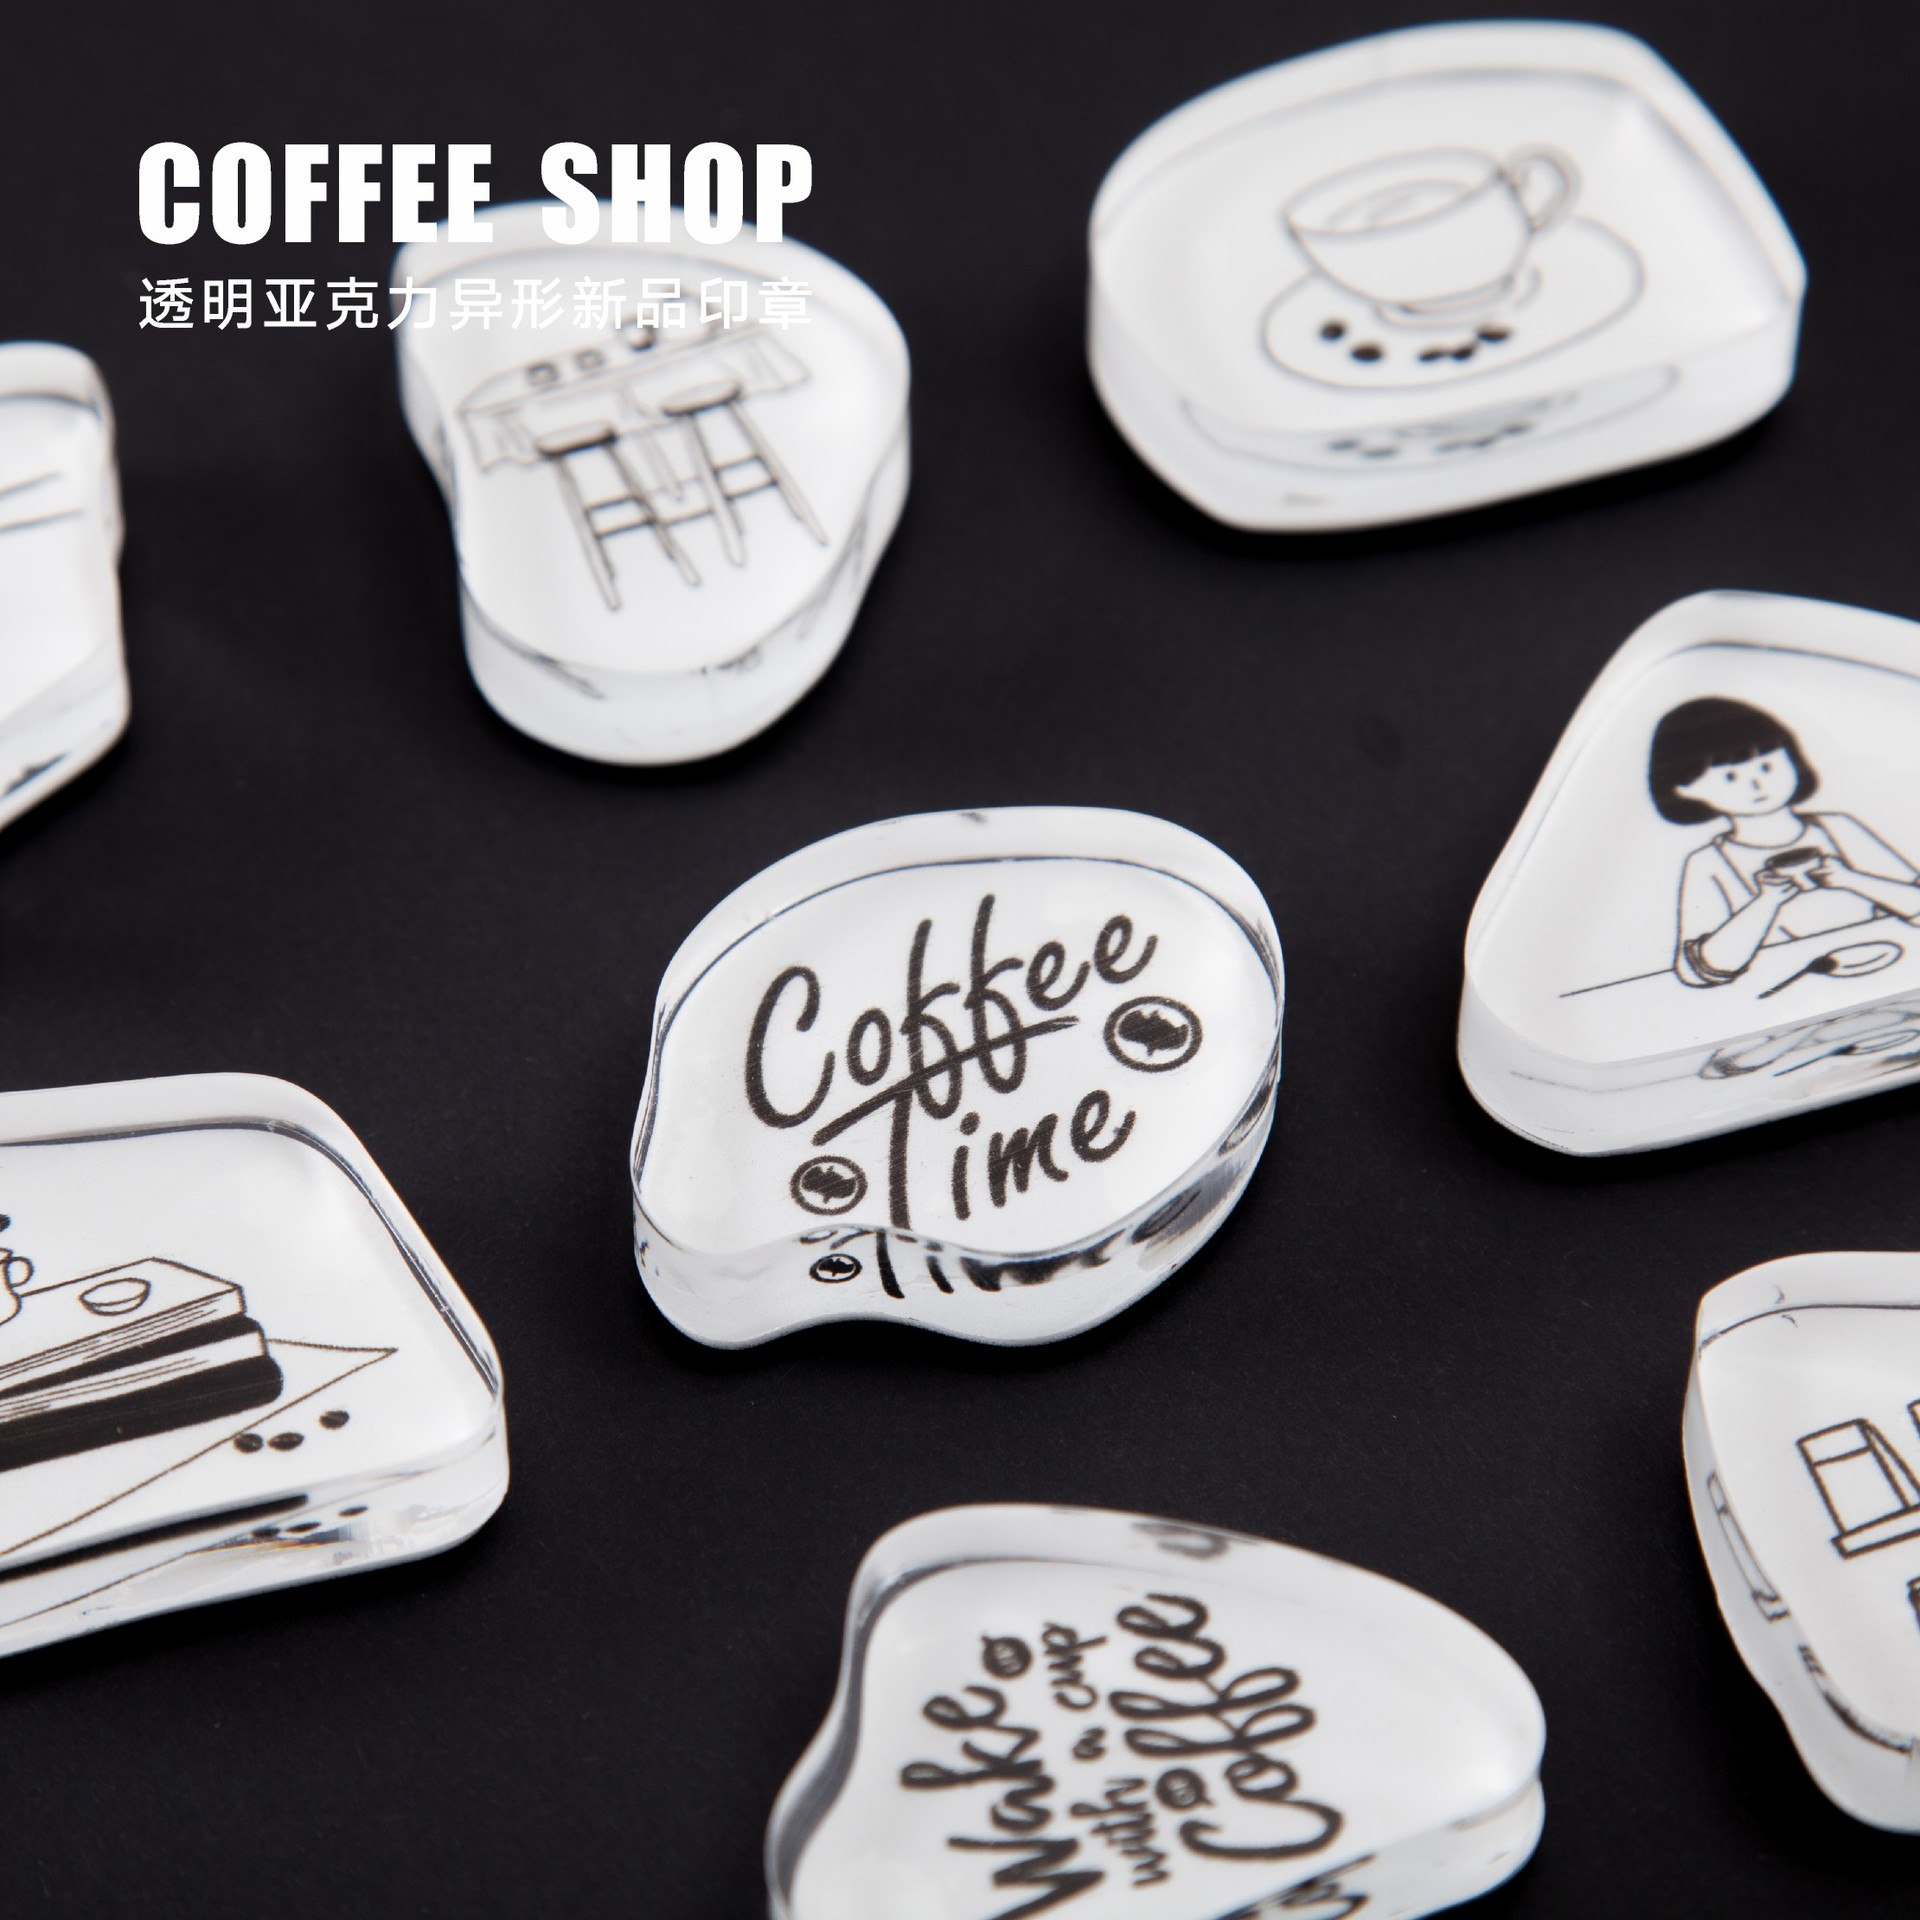 Vintageกาแฟชุดแสตมป์ตัวอักษรภาษาอังกฤษDIYอะคริลิคแสตมป์ ยางสำหรับเครื่องเขียนScrapbookingโปร่งใสแสตมป์|ที่ใส่ป้ายและอุปกรณ์เสริม